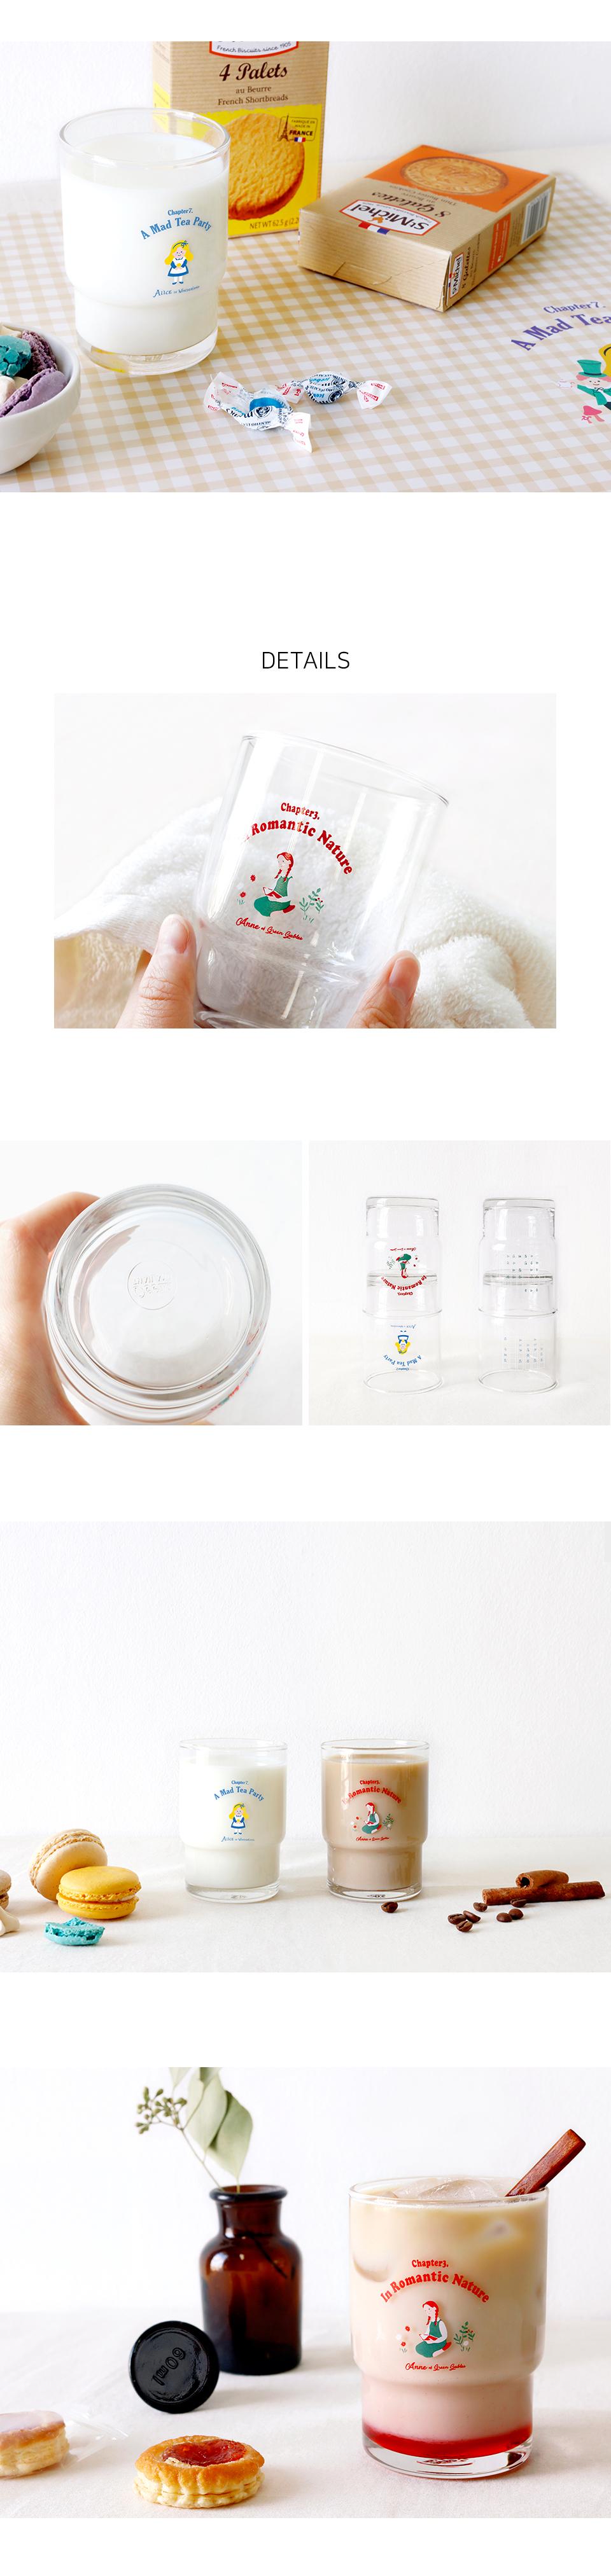 세계문학 스택 유리컵 - 북프렌즈, 10,000원, 유리컵/술잔, 유리컵